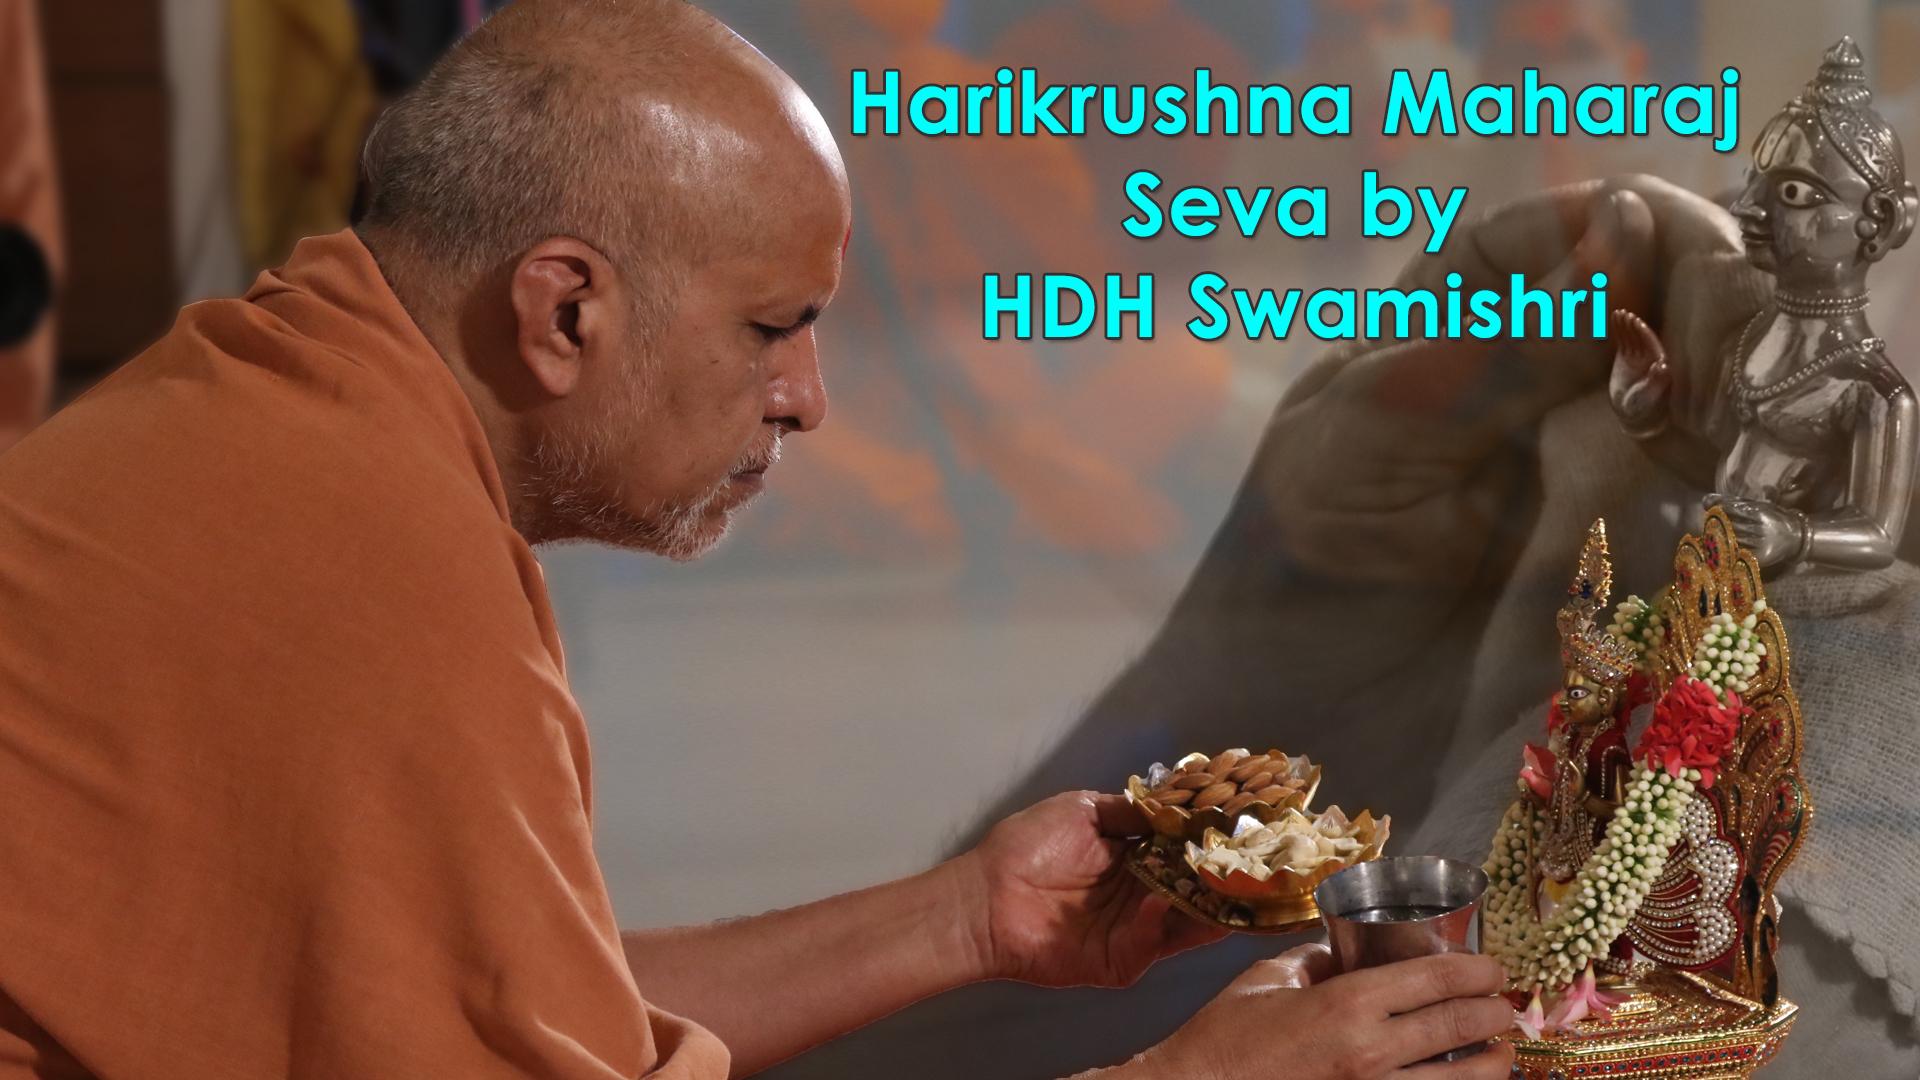 HDH Swamishri Vicharan | Harikrushna Maharaj Seva by HDH Swamishri